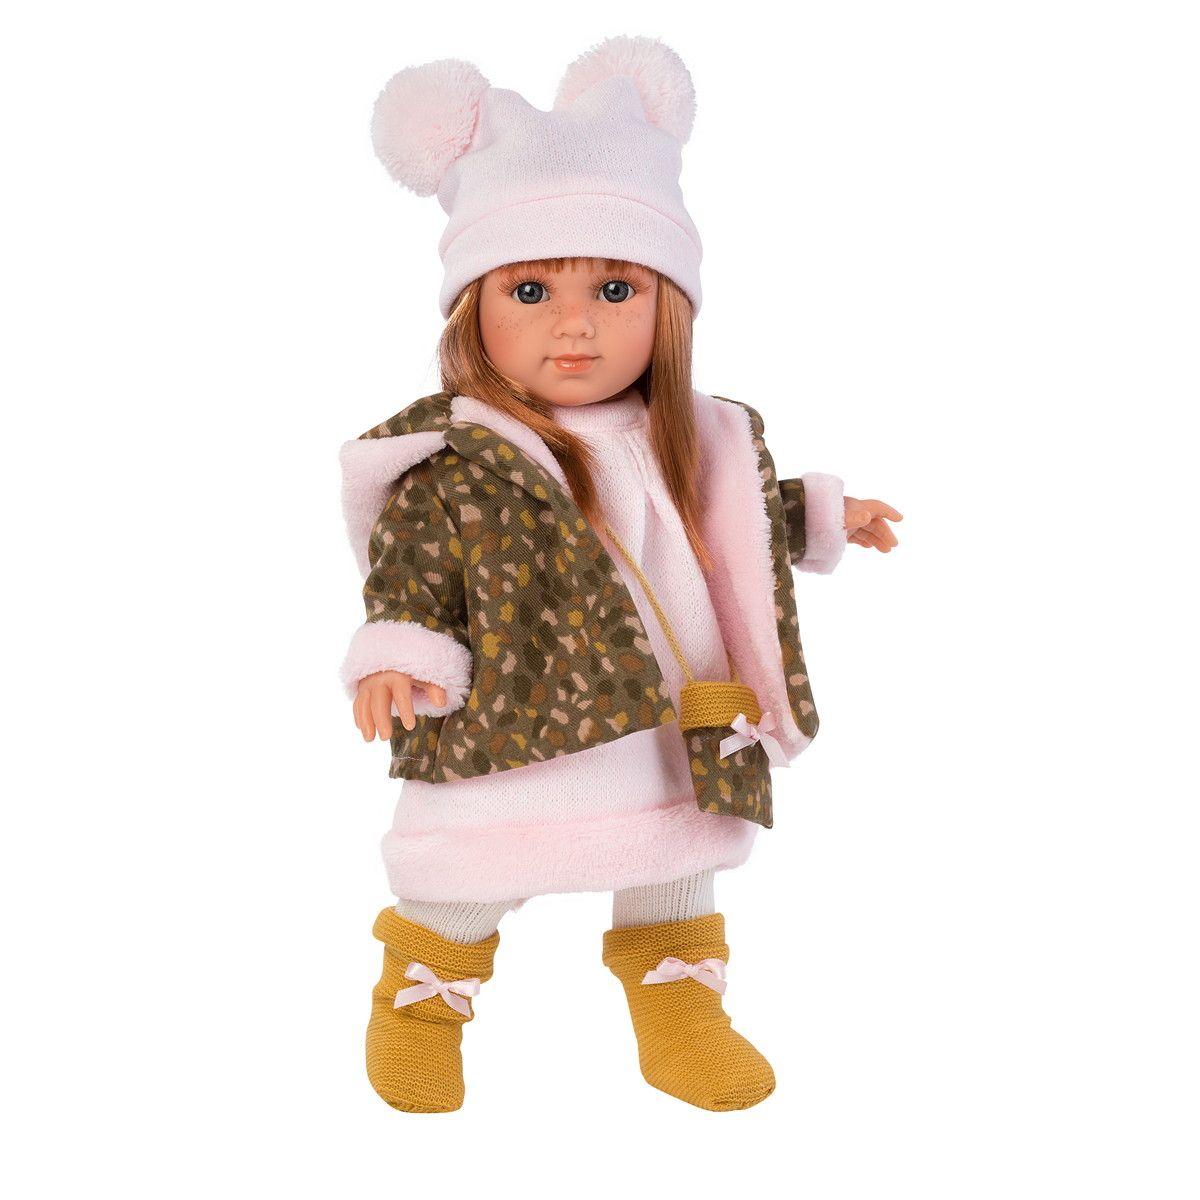 Купить Кукла Николь, 35 см, Llorens Juan